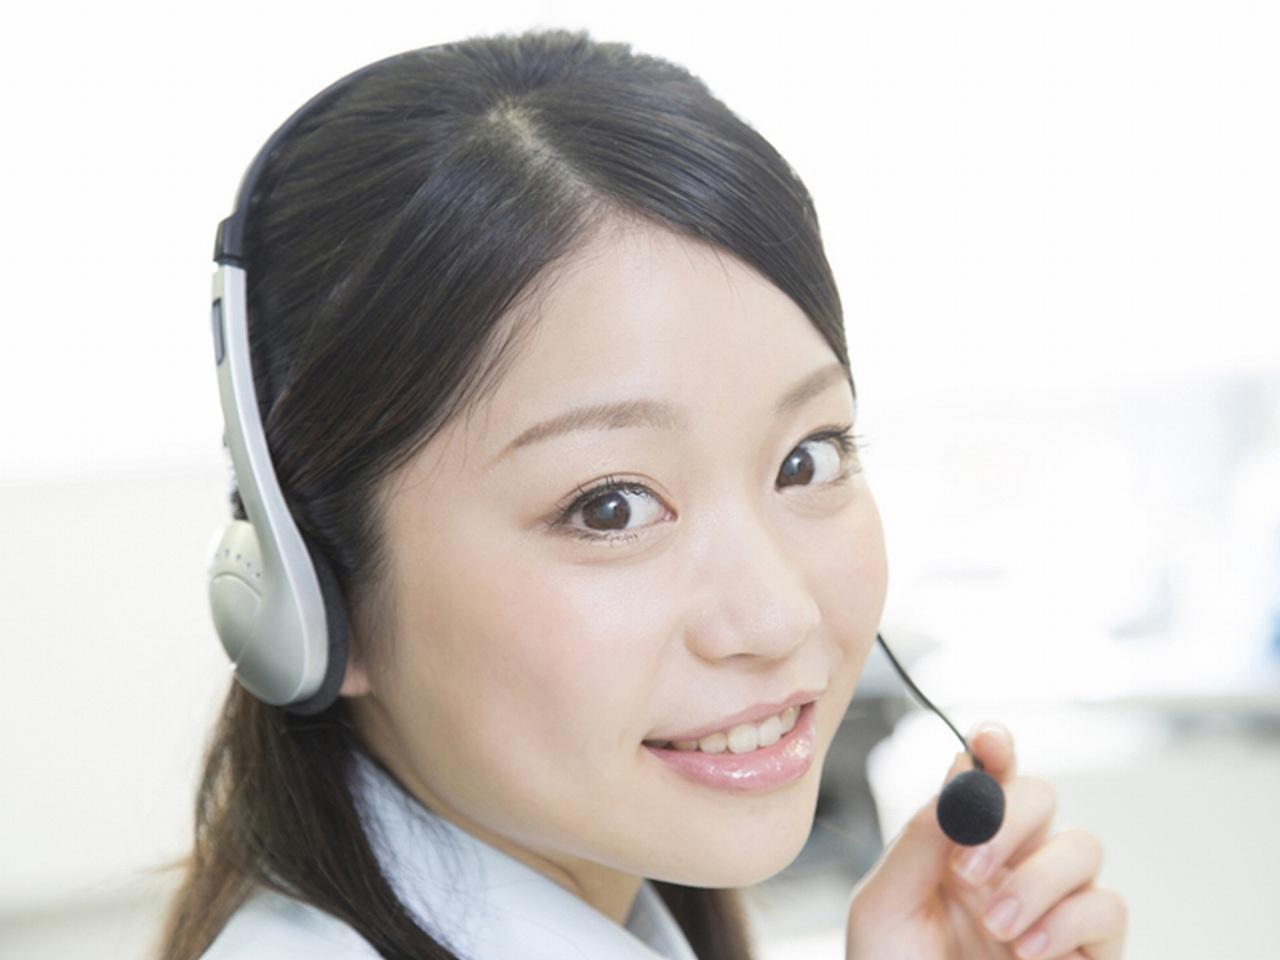 株式会社フィールドリンク 仙台営業所のアルバイト情報